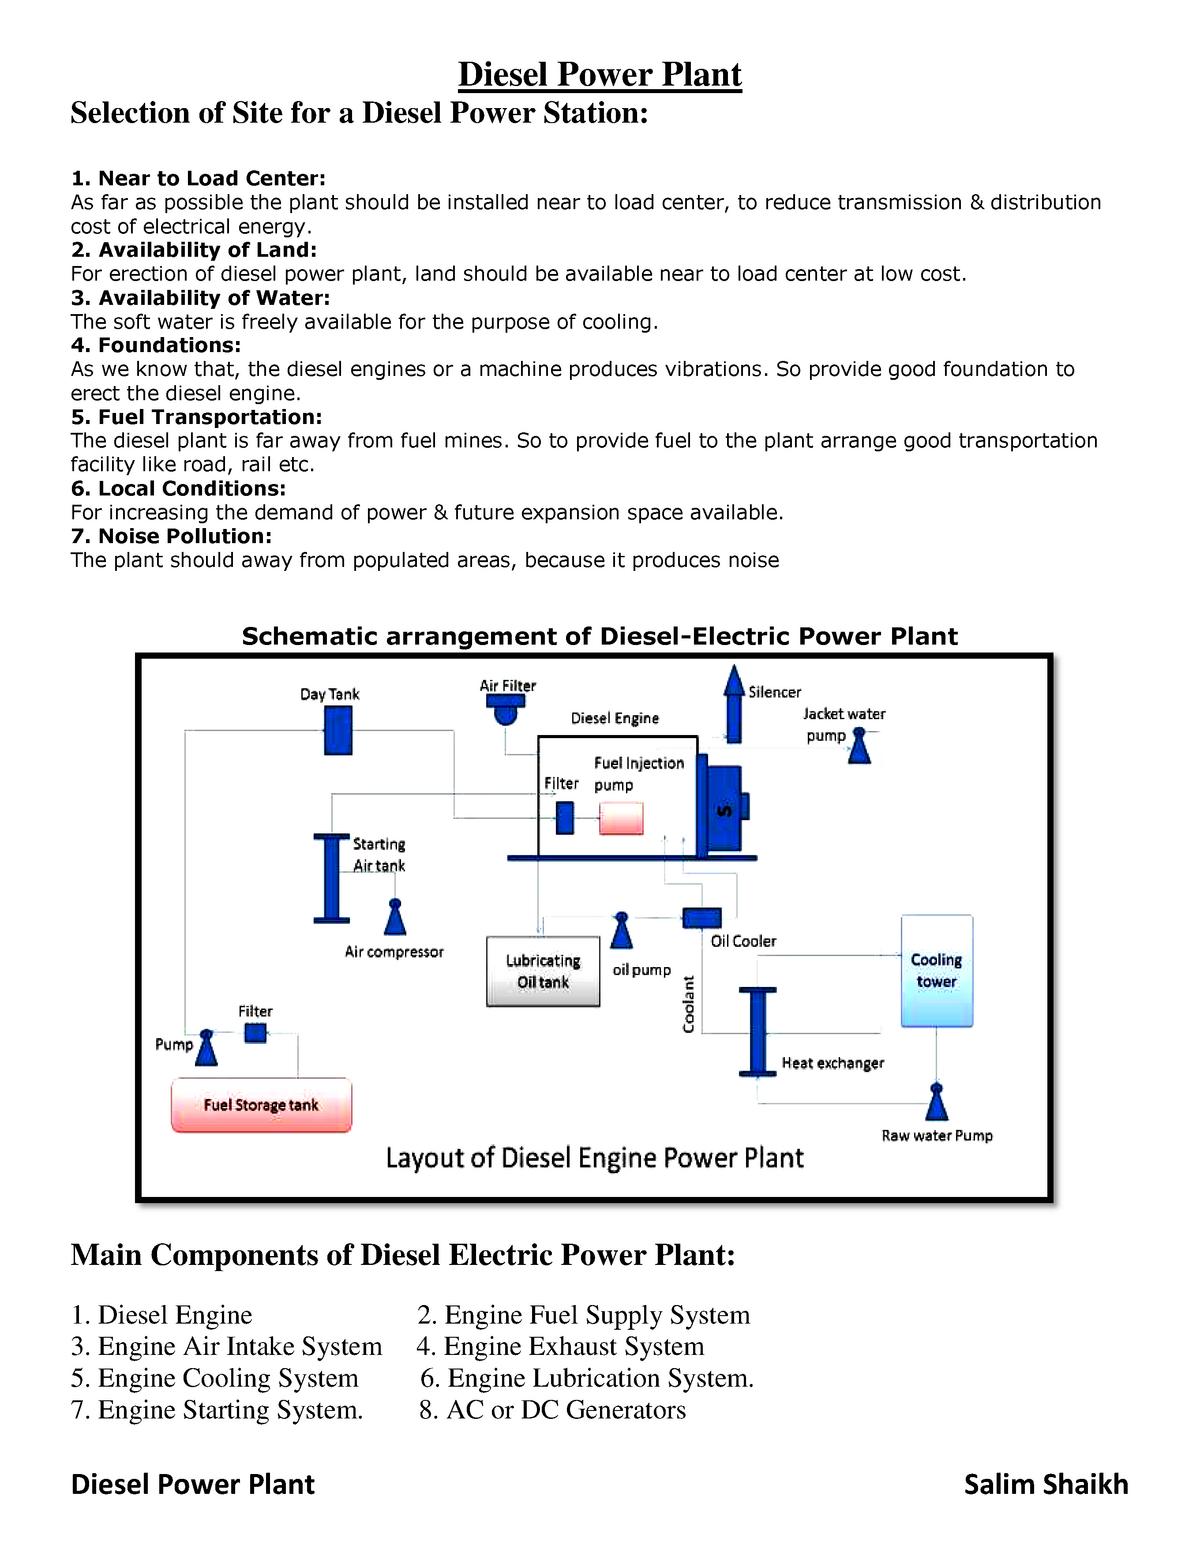 Disel Power Plant - Lecture notes 3-4 - EEC303 - StuDocu